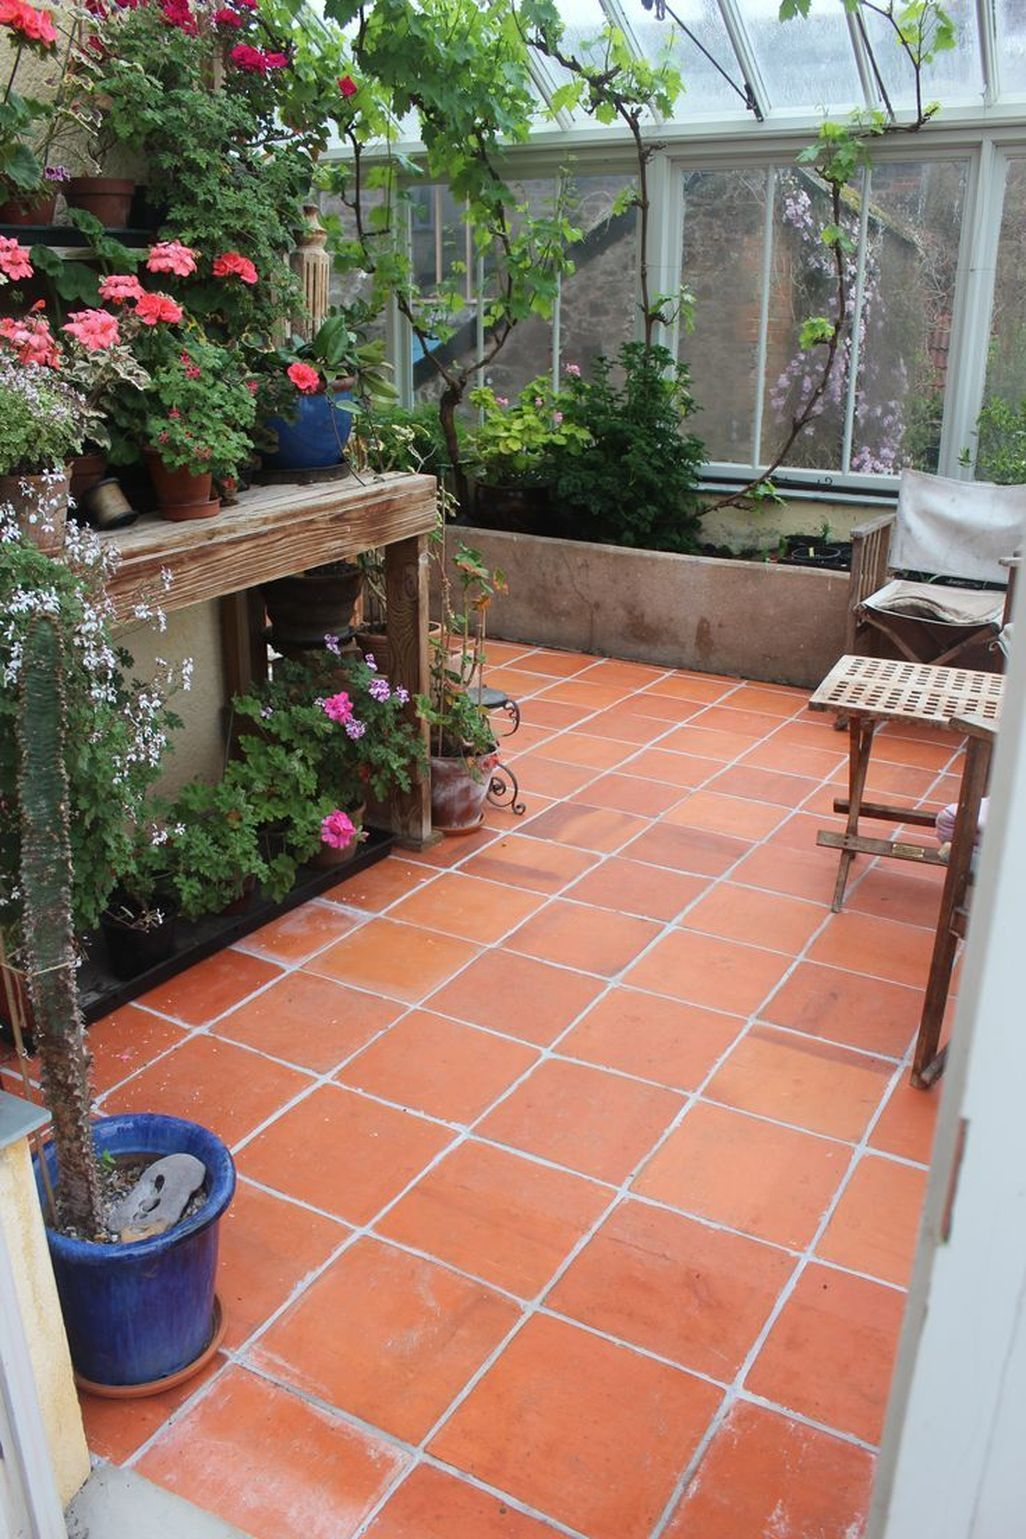 40 Traditional Rustic Garden Patio Flooring Ideas Page 12 Of 44 Fathinah Decor Garden Tiles Patio Garden Garden Floor